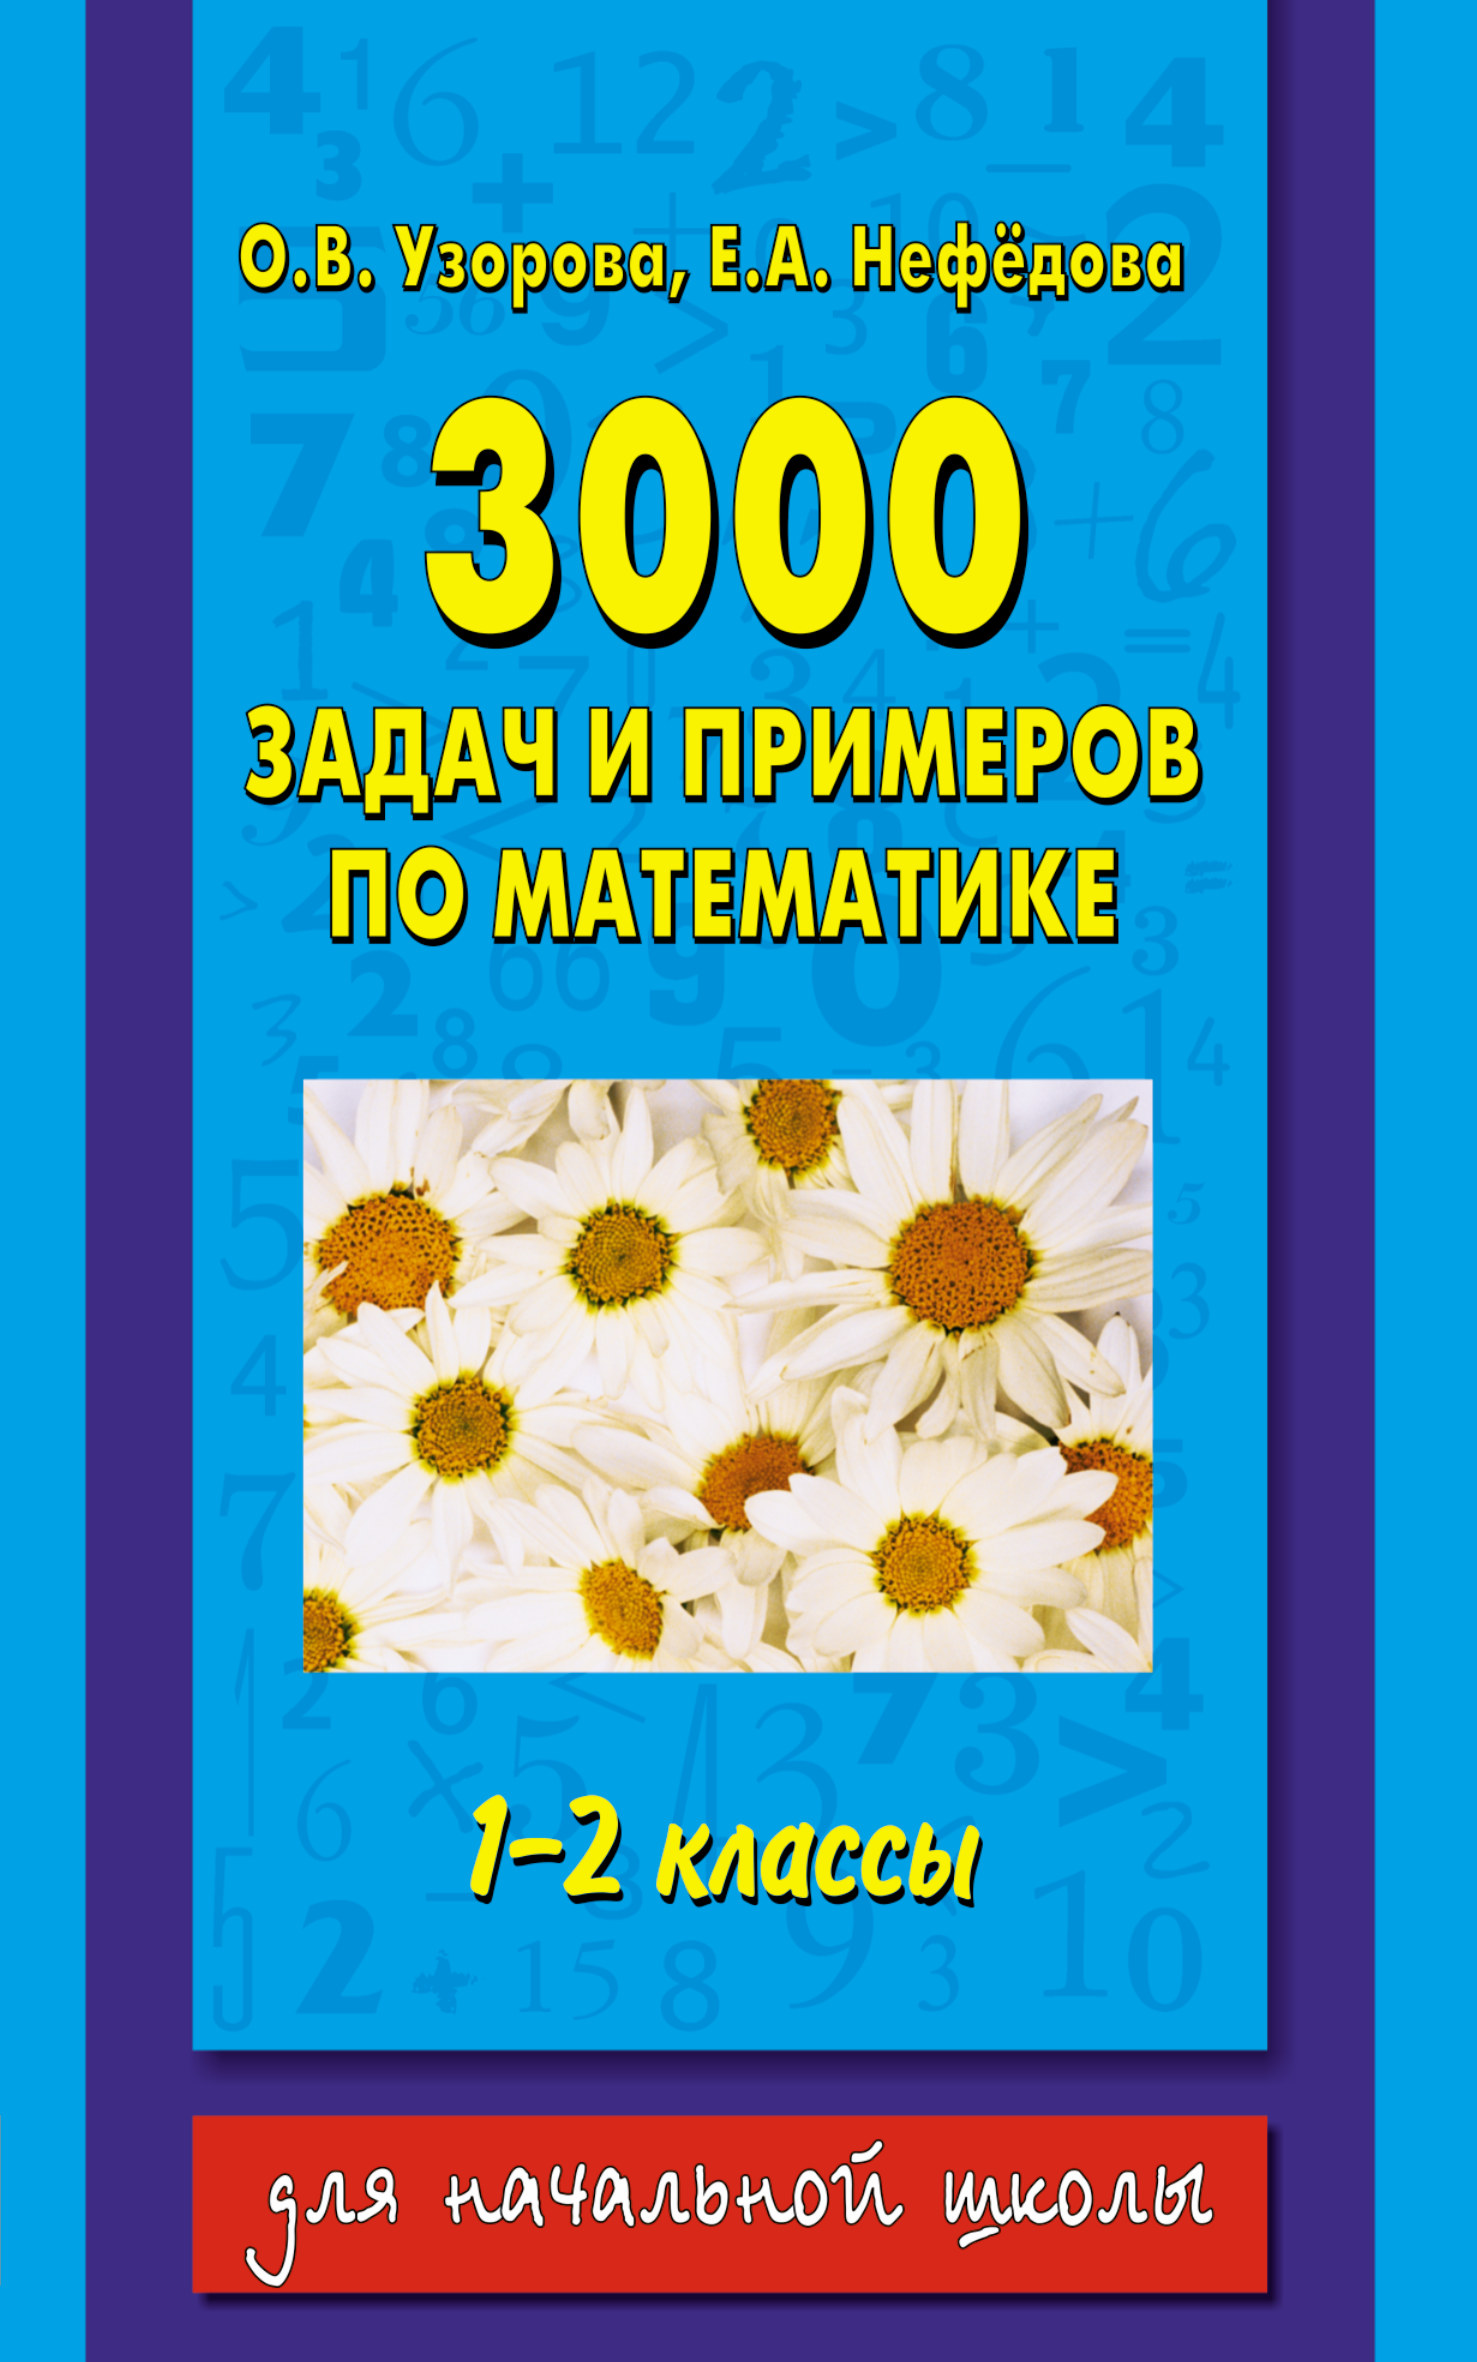 Гдз 3000 задач и примеров по математике 3 класс узорова